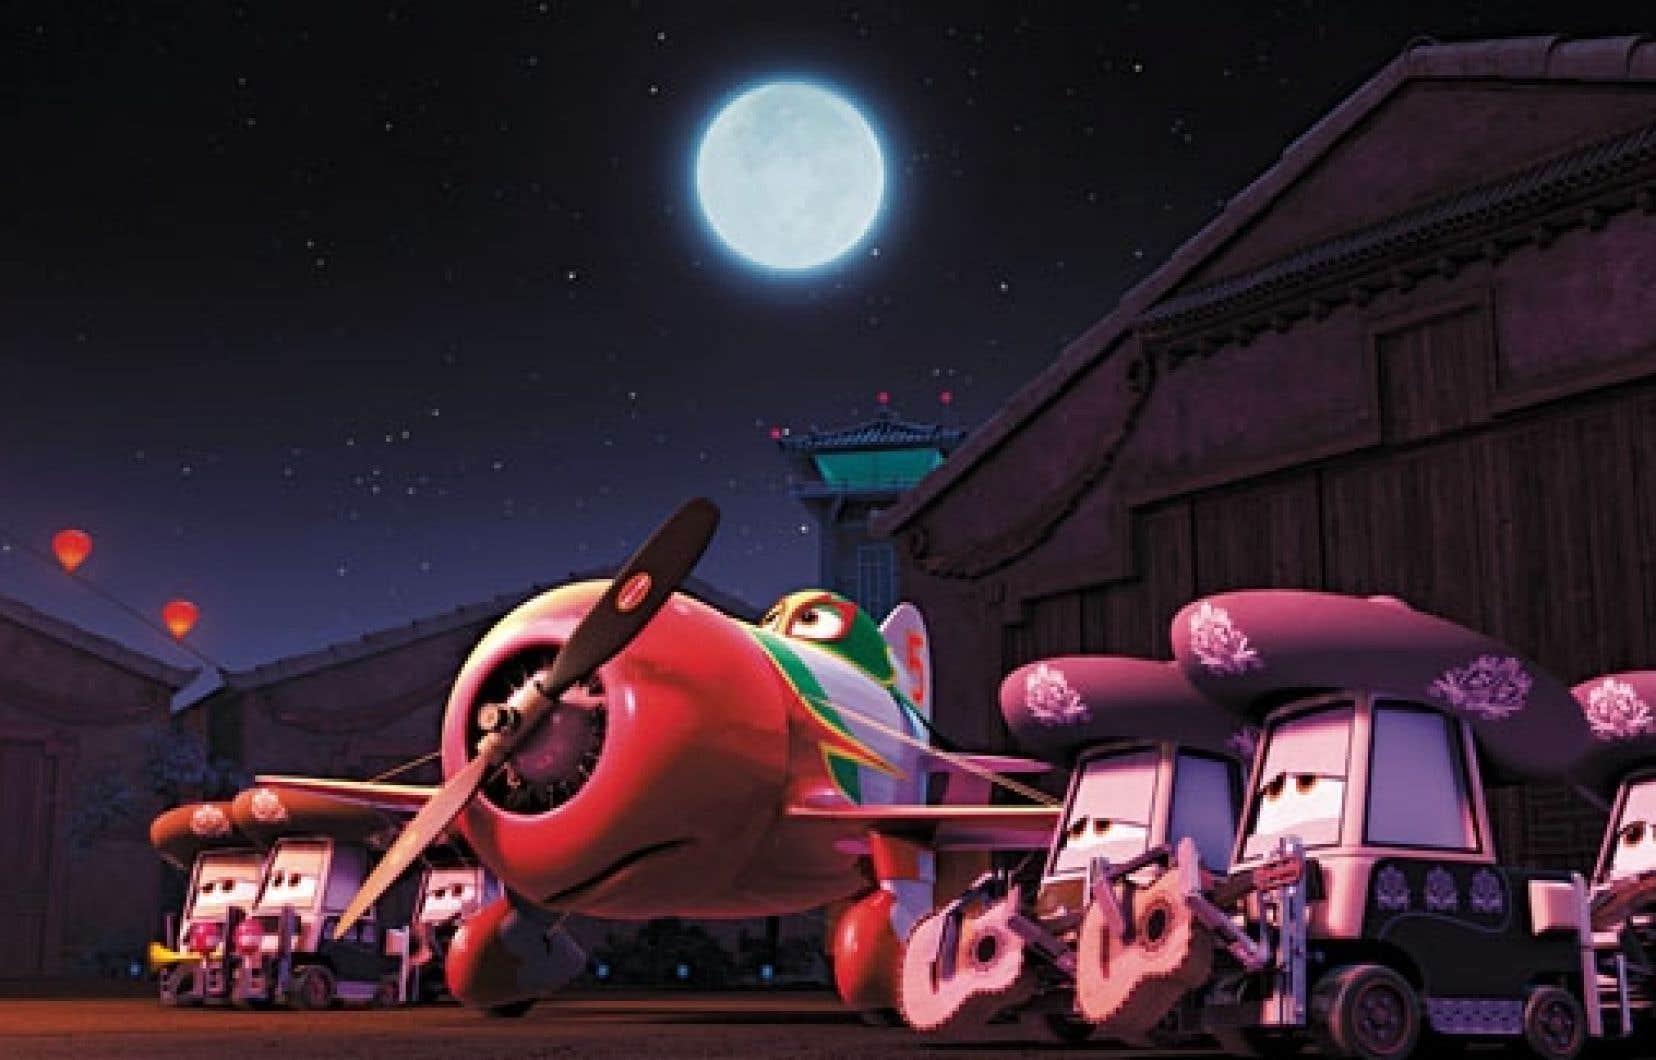 Plus d'effet de surprise avec Planes, conçu sur une trame semblable à celle des films Cars 1 et 2.